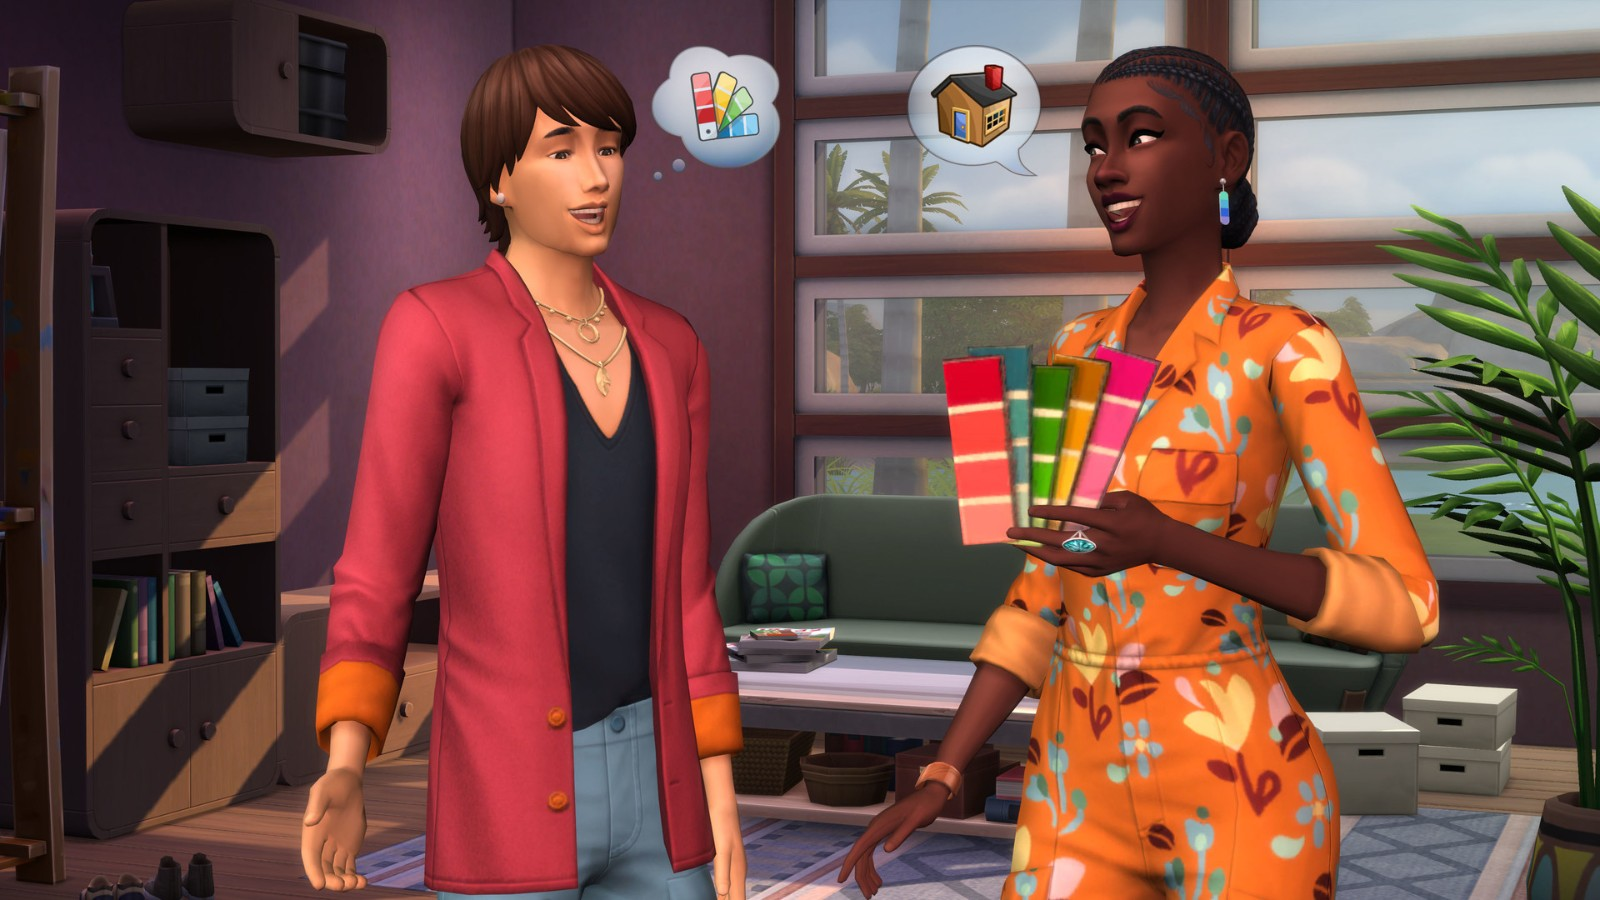 《模拟人生4》DLC梦想家装发布 国区售价118元